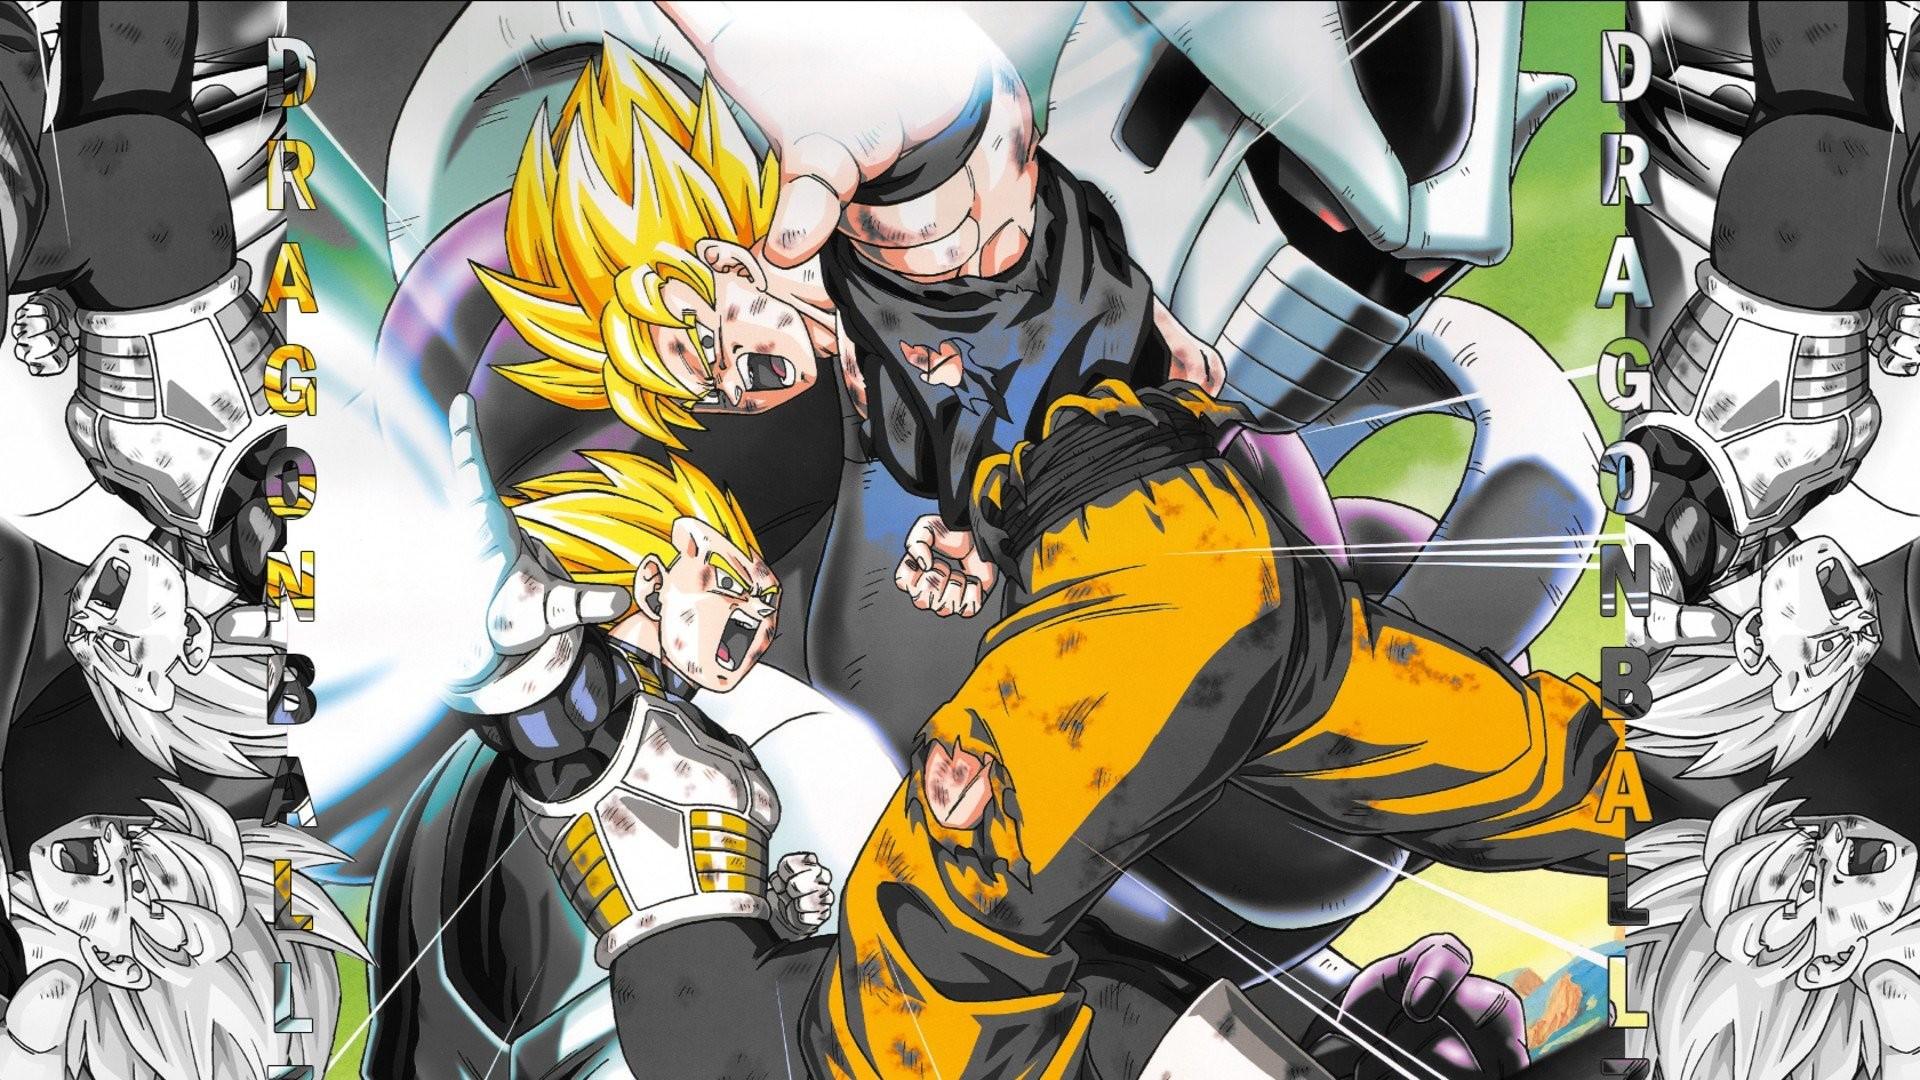 Dragon Ball Zs HD 849440